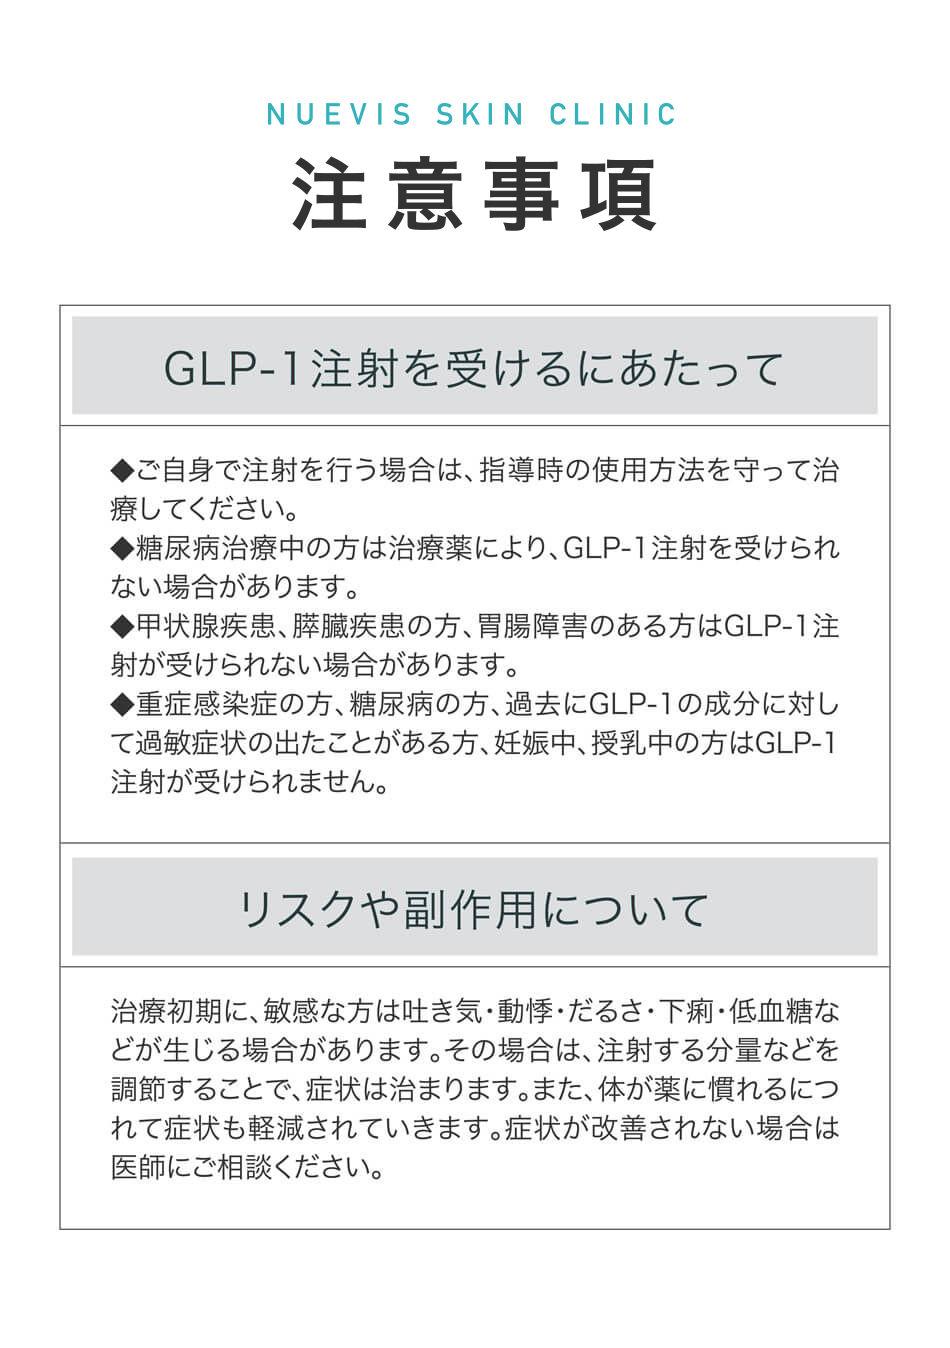 Sense Skin Clinic注意事項 GLP-1注射を受けるにあたって ◆ご自身で注射を行う場合は、指導時の使用方法を守って治療してください。 ◆糖尿病治療中の方は治療薬により、GLP-1注射を受けられない場合があります。 ◆甲状腺疾患、膵臓疾患の方、胃腸障害のある方はGLP-1注射が受けられない場合があります。 ◆重症感染症の方、糖尿病の方、過去にGLP-1の成分に対して過敏症状の出たことがある方、妊娠中、授乳中の方はGLP-1注射が受けられません。 リスクや副作用について 治療初期に、敏感な方は吐き気・動悸・だるさ・下痢・低血糖などが生じる場合があります。その場合は、注射する分量などを調節することで、症状は治まります。また、体が薬に慣れるにつれて症状も軽減されていきます。症状が改善されない場合は医師にご相談ください。